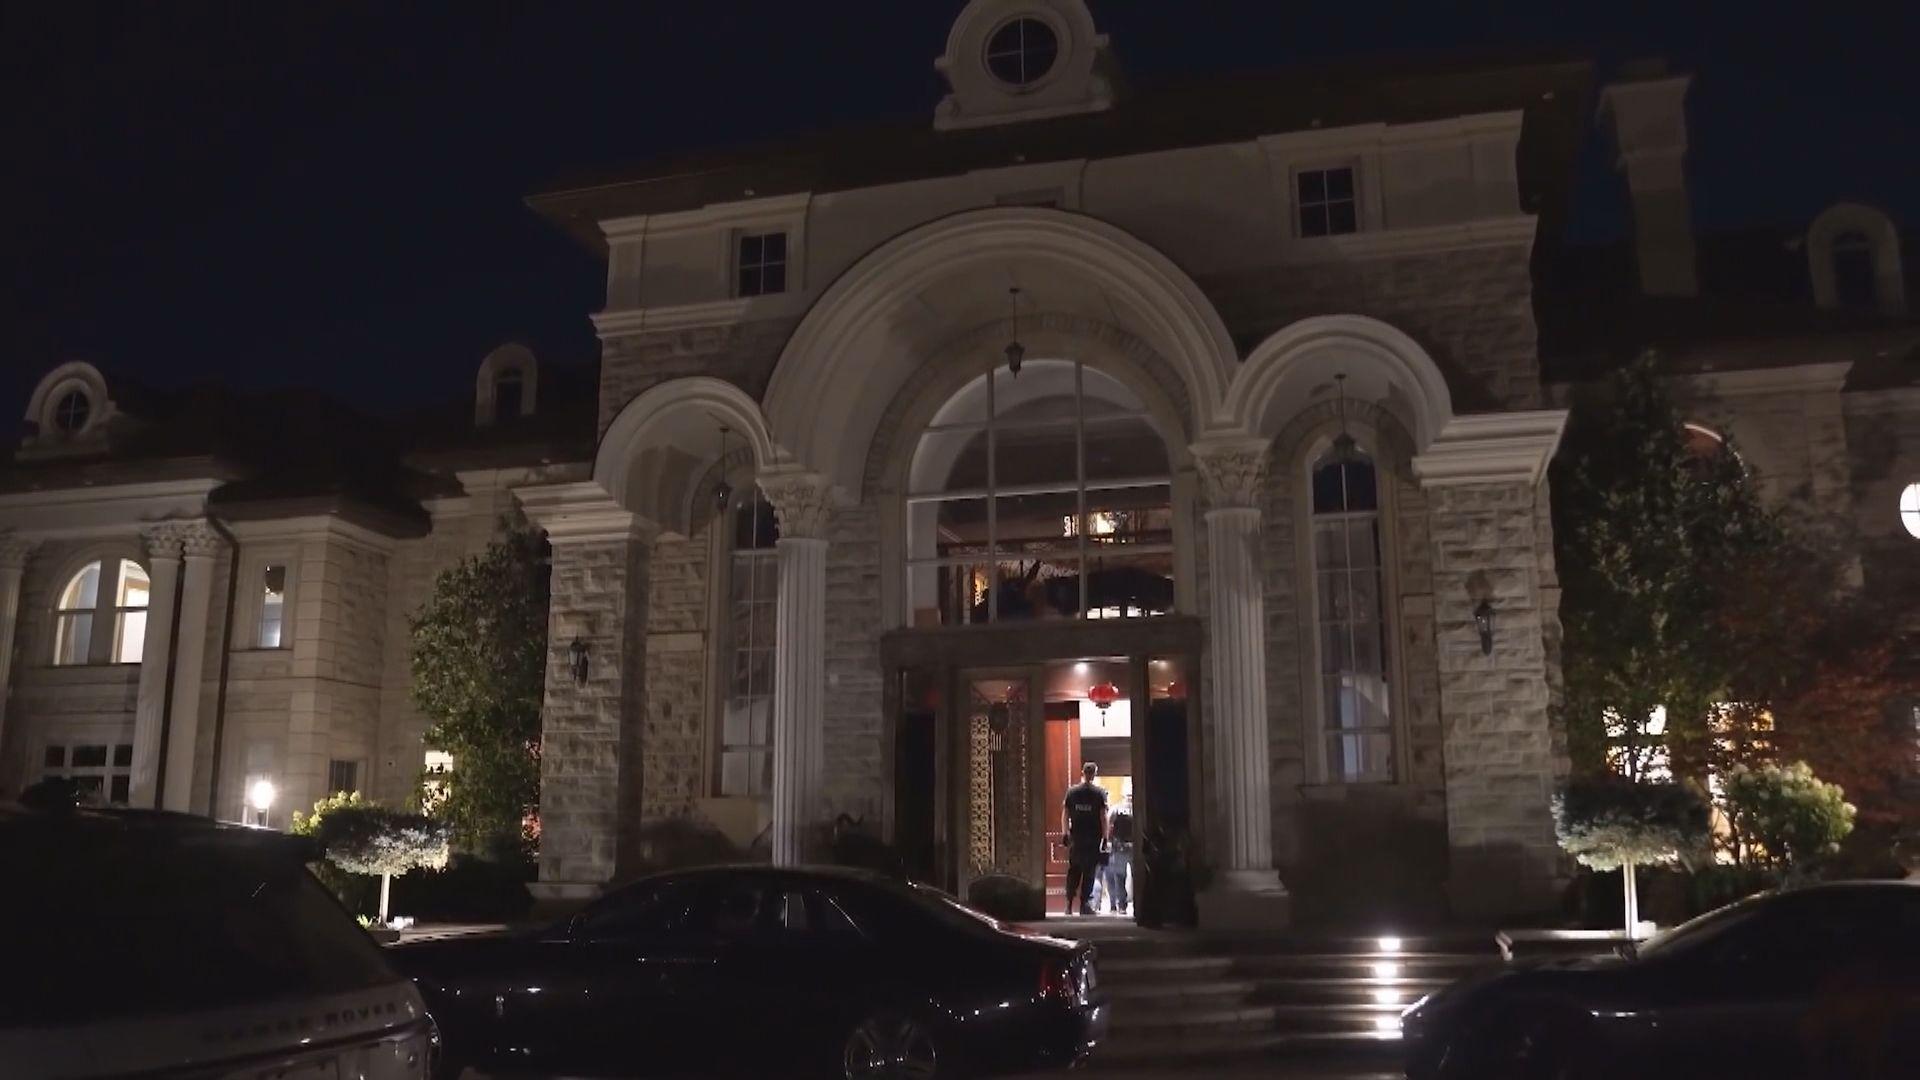 加拿大華商經營非法賭場案 警員涉盜竊栽贓案件撤控